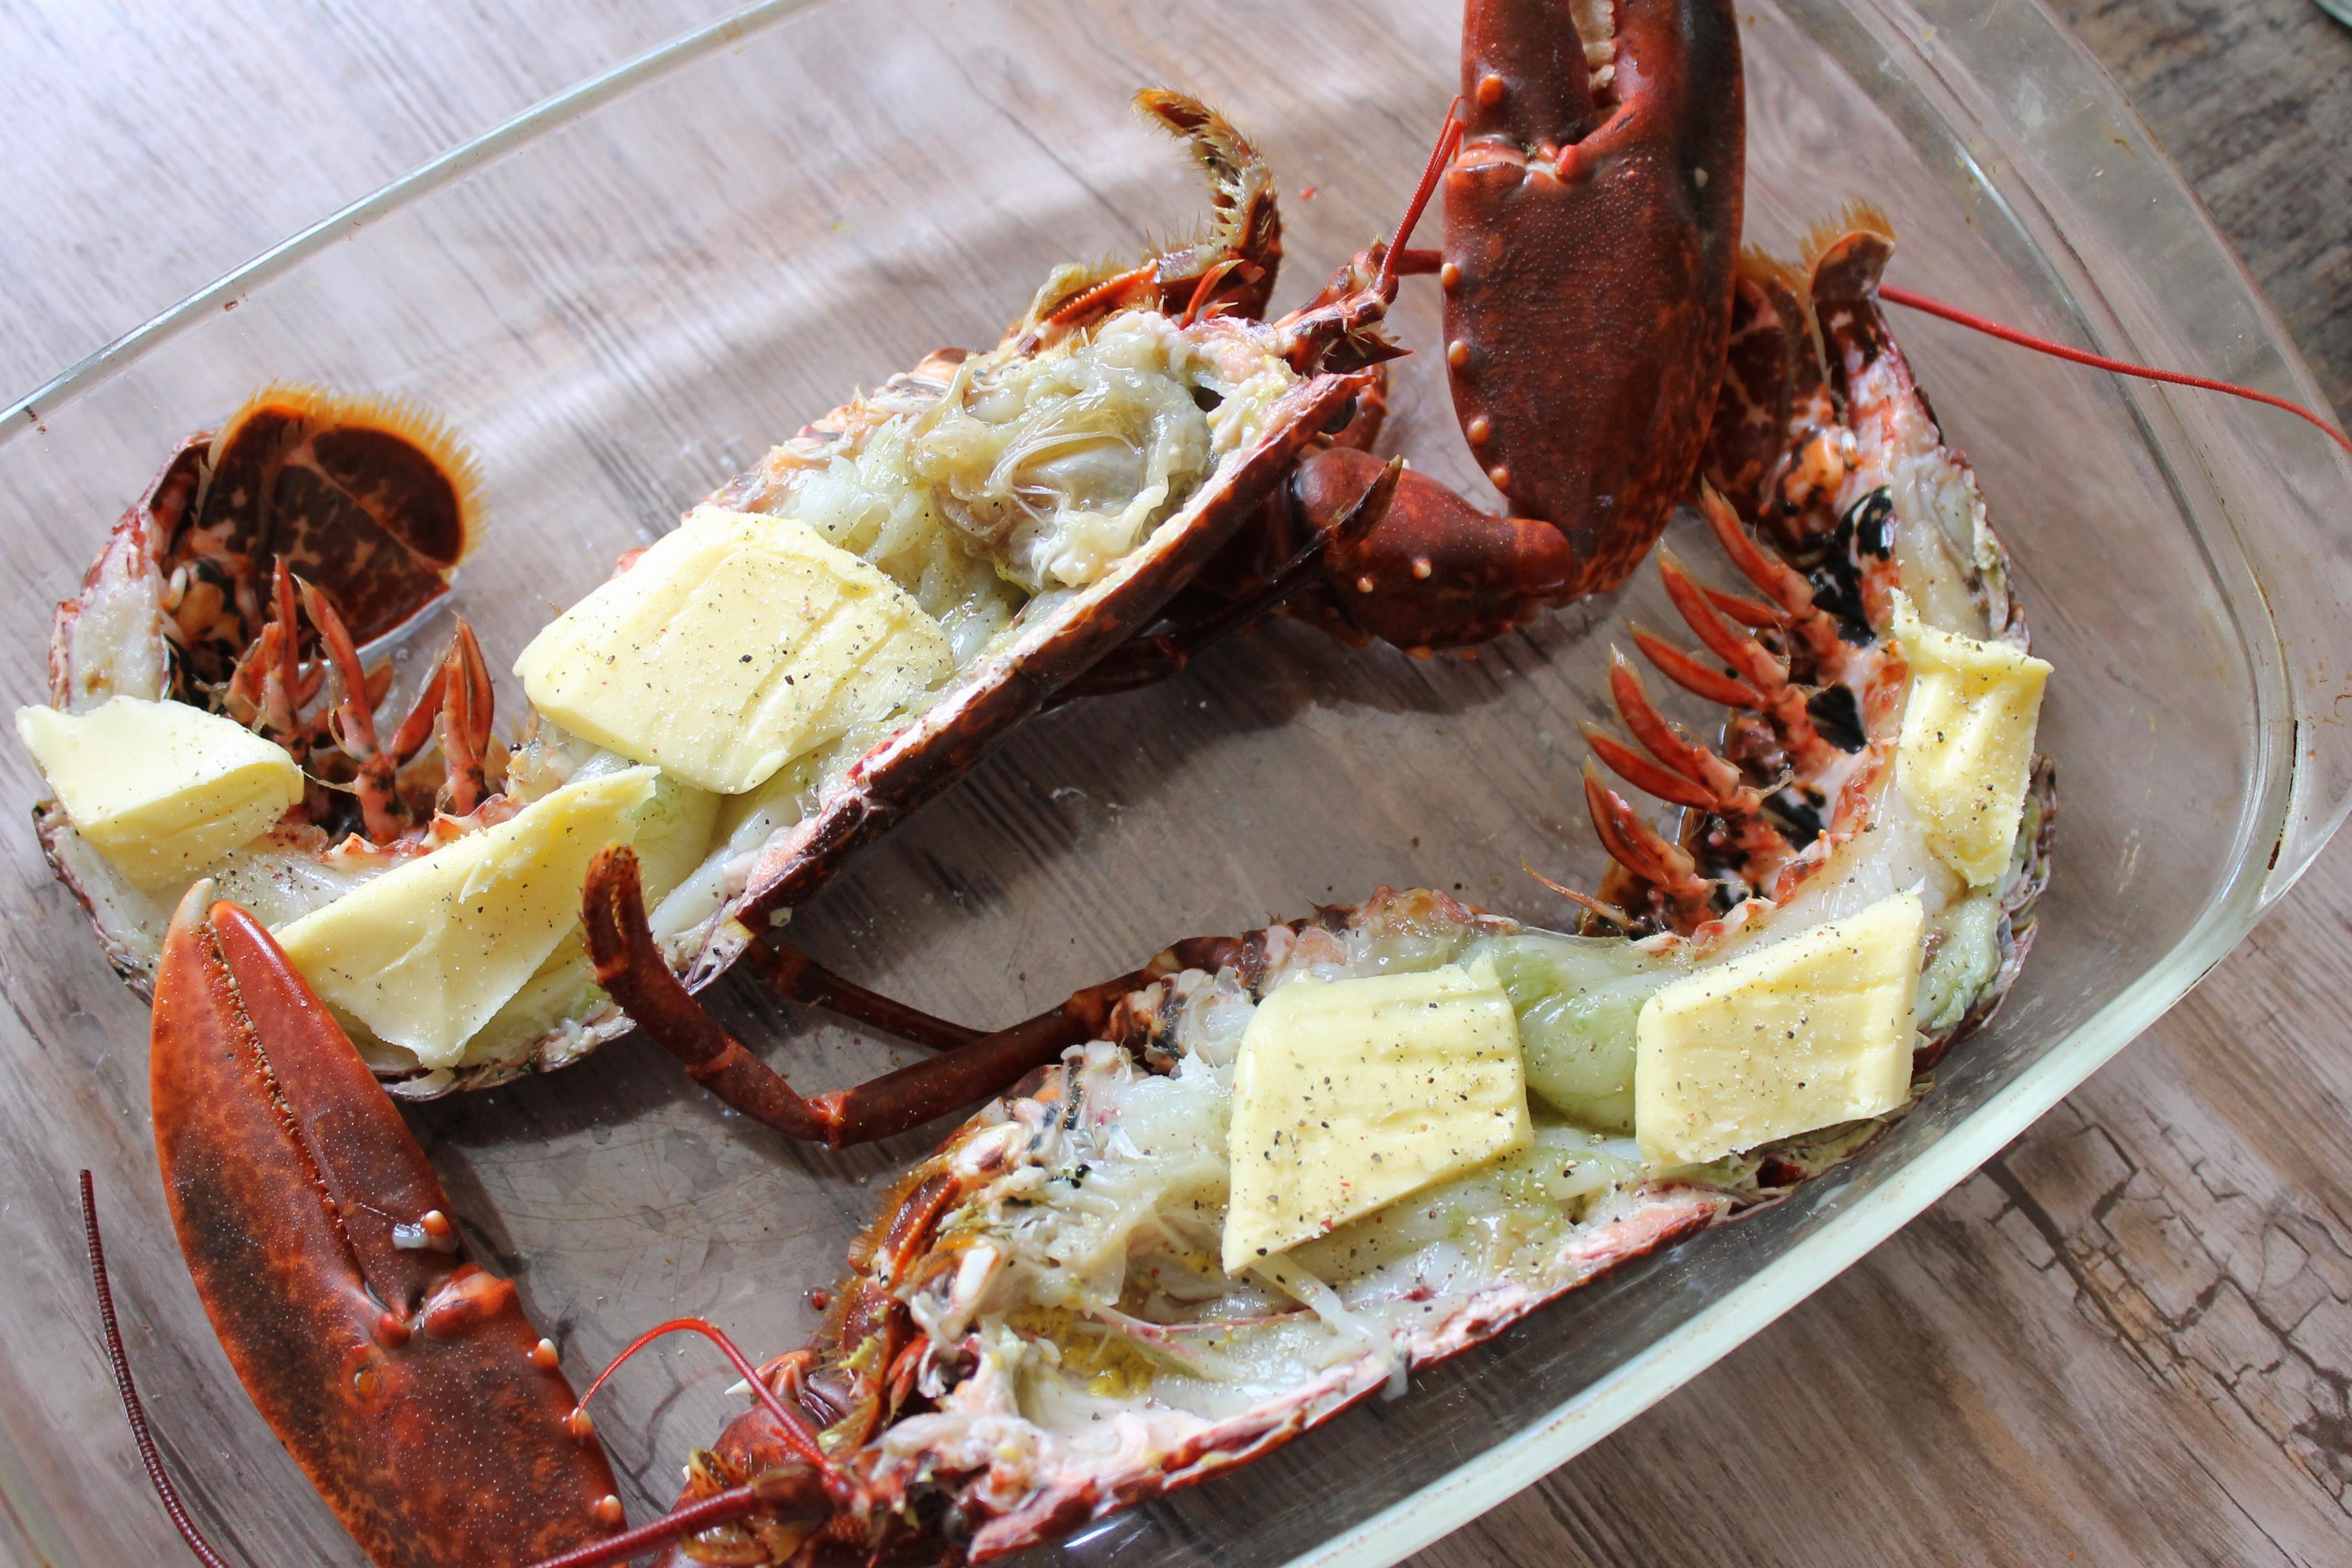 homard-grillé-au-four-beurre-de-baratte-sel-poivre